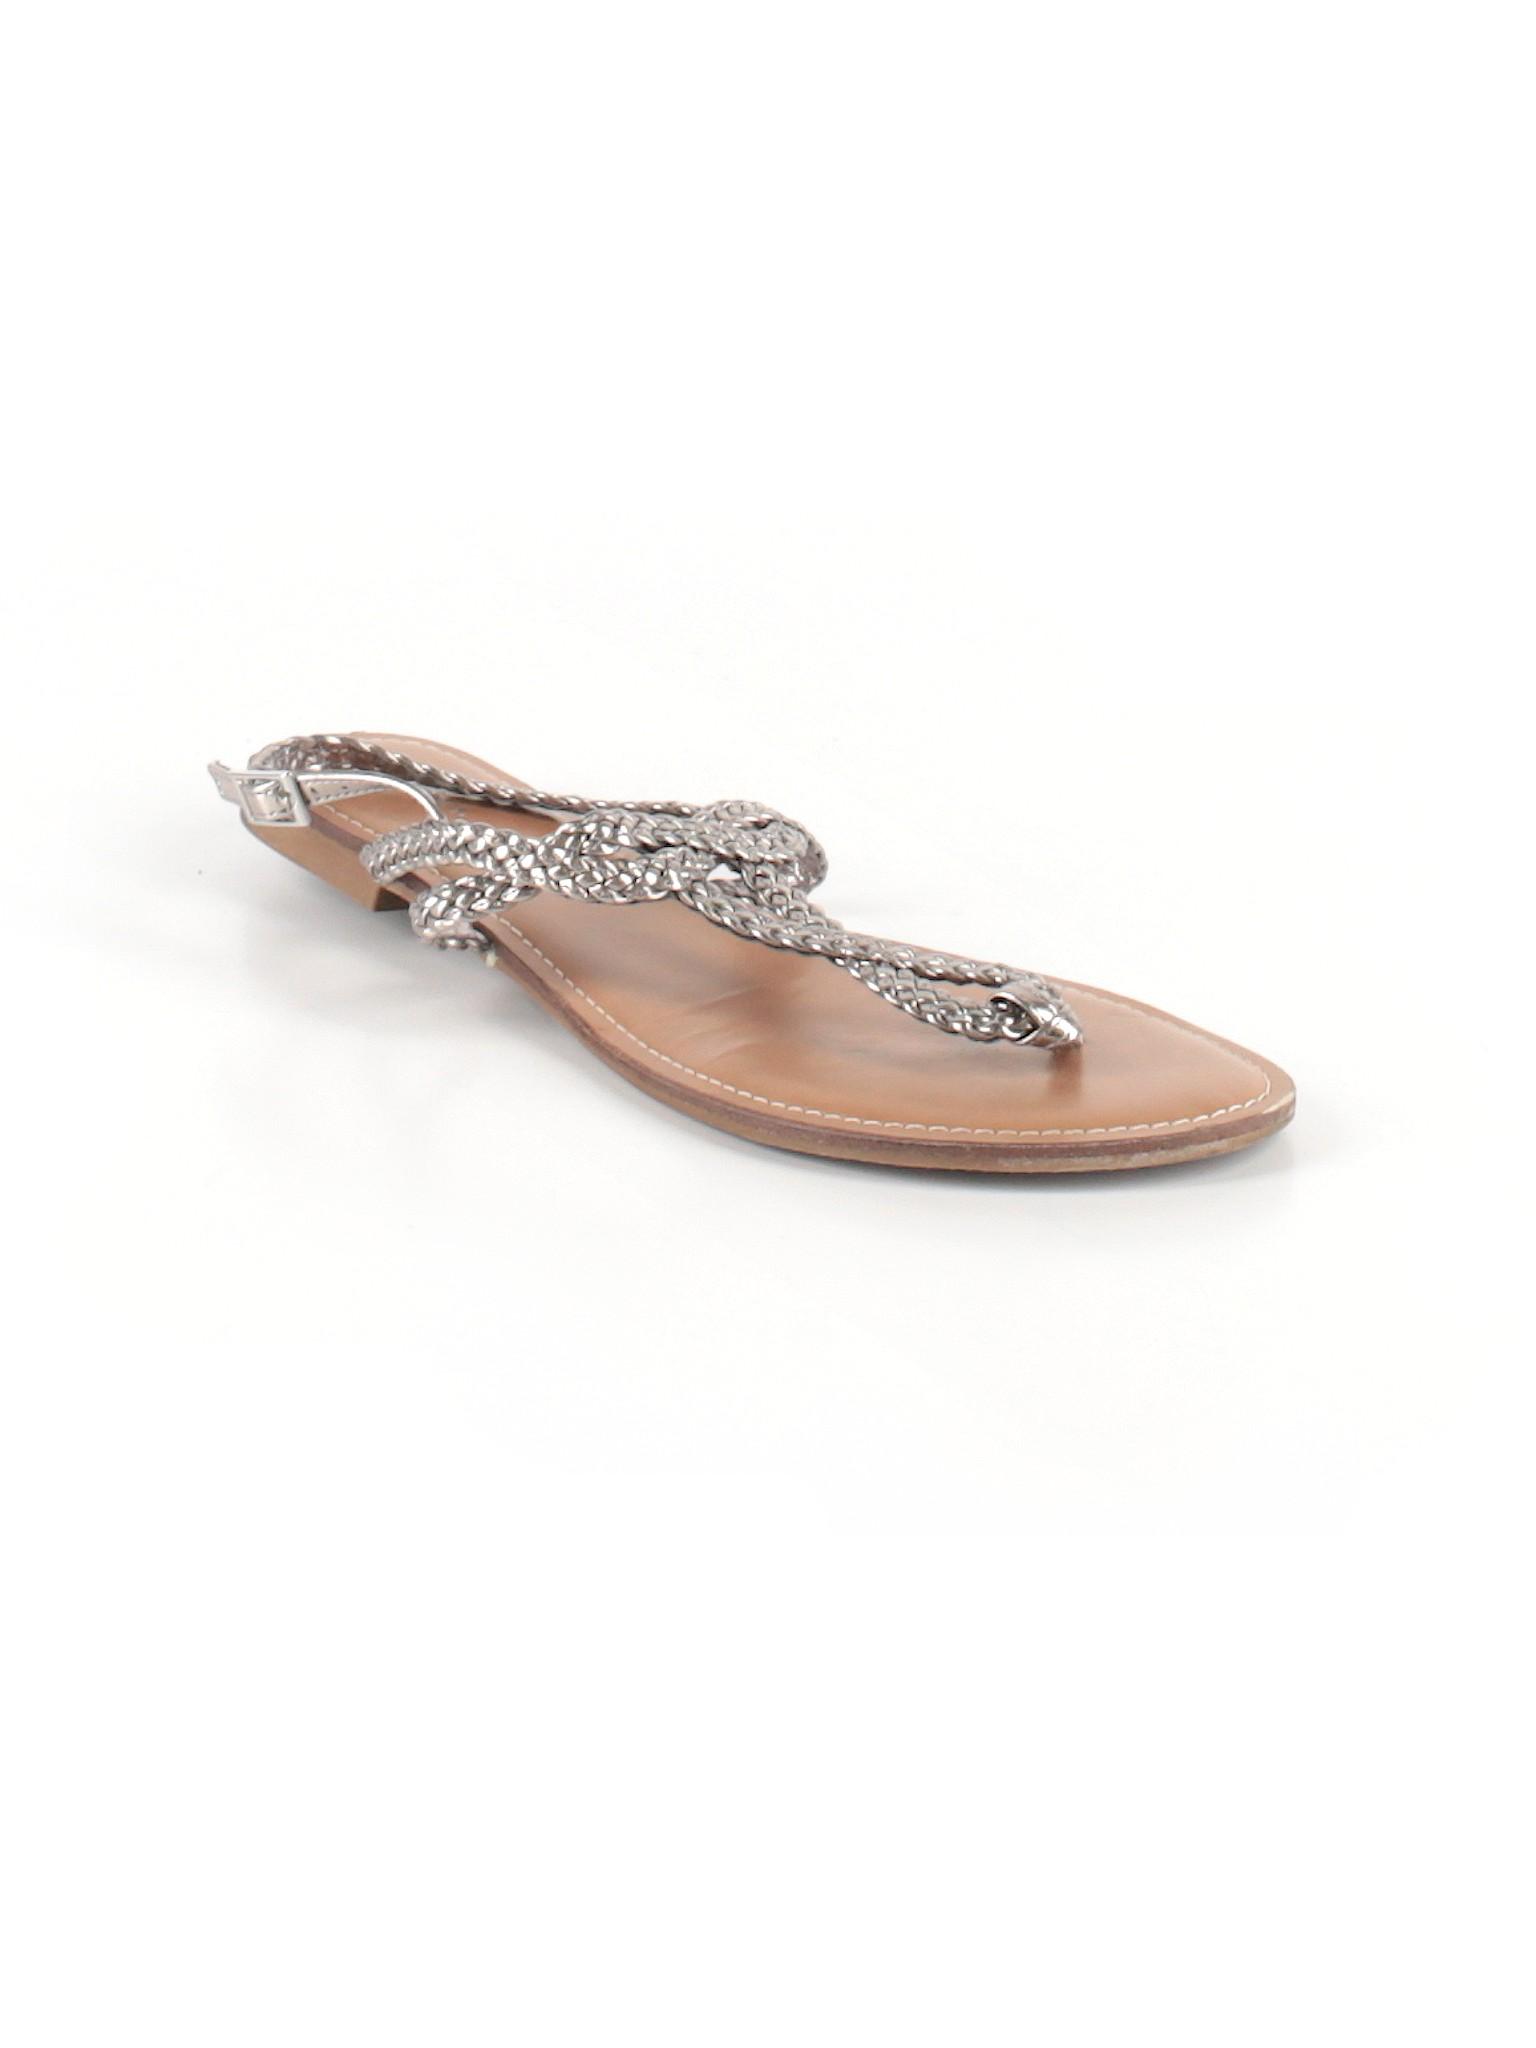 Boutique Boutique Sandals Boutique promotion Sandals promotion Merona Merona promotion dXzwqSf